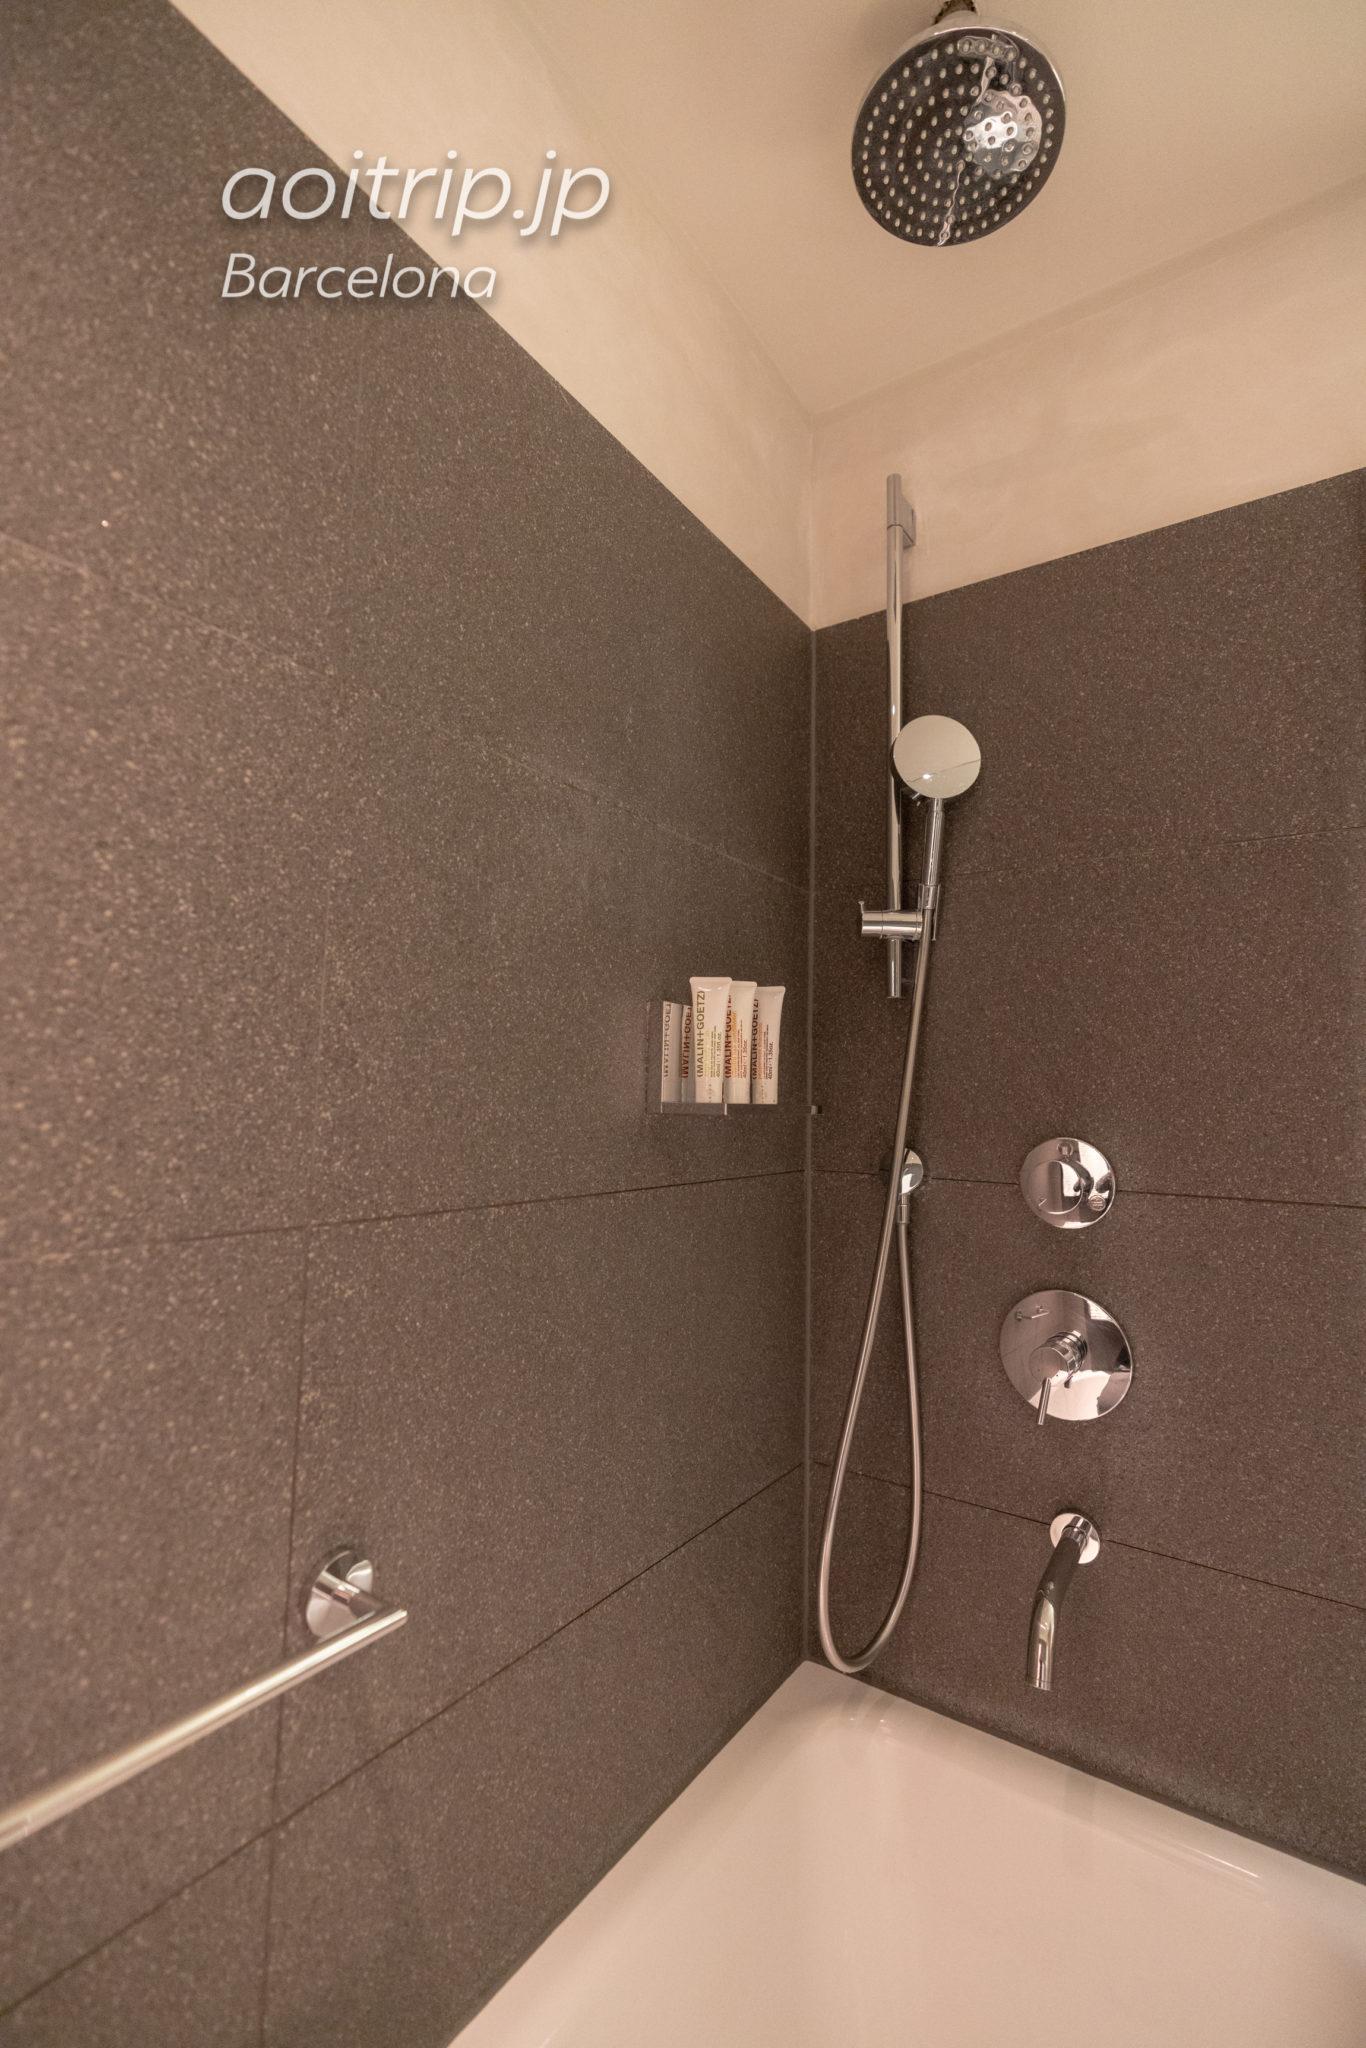 ルメリディアンバルセロナ シャワールーム